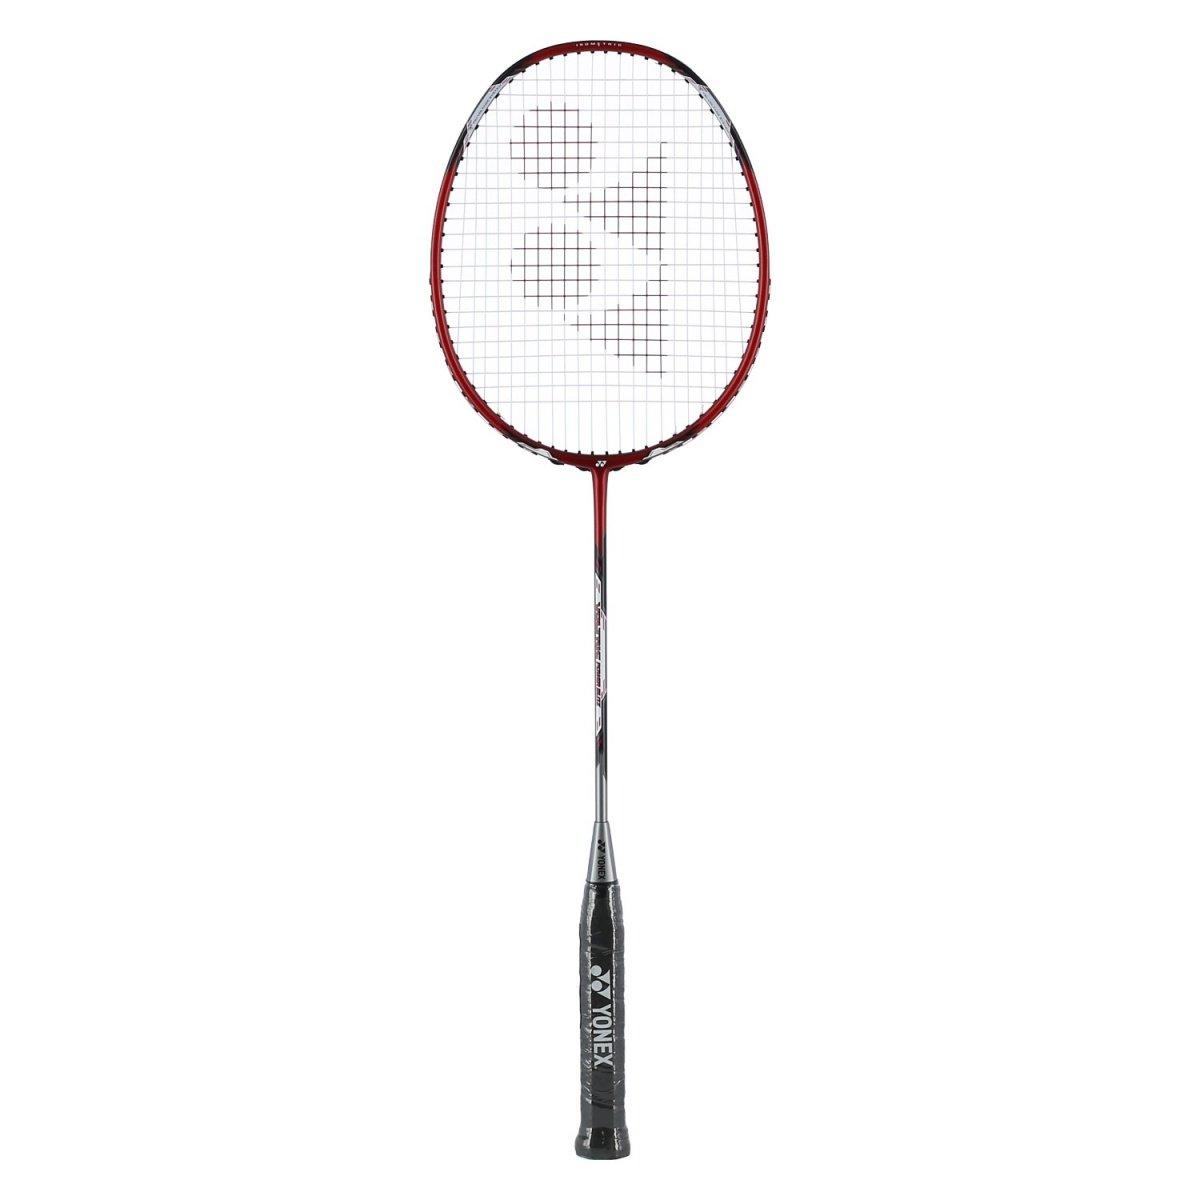 Yonex Voltric Power Blitz Badmintonketcher